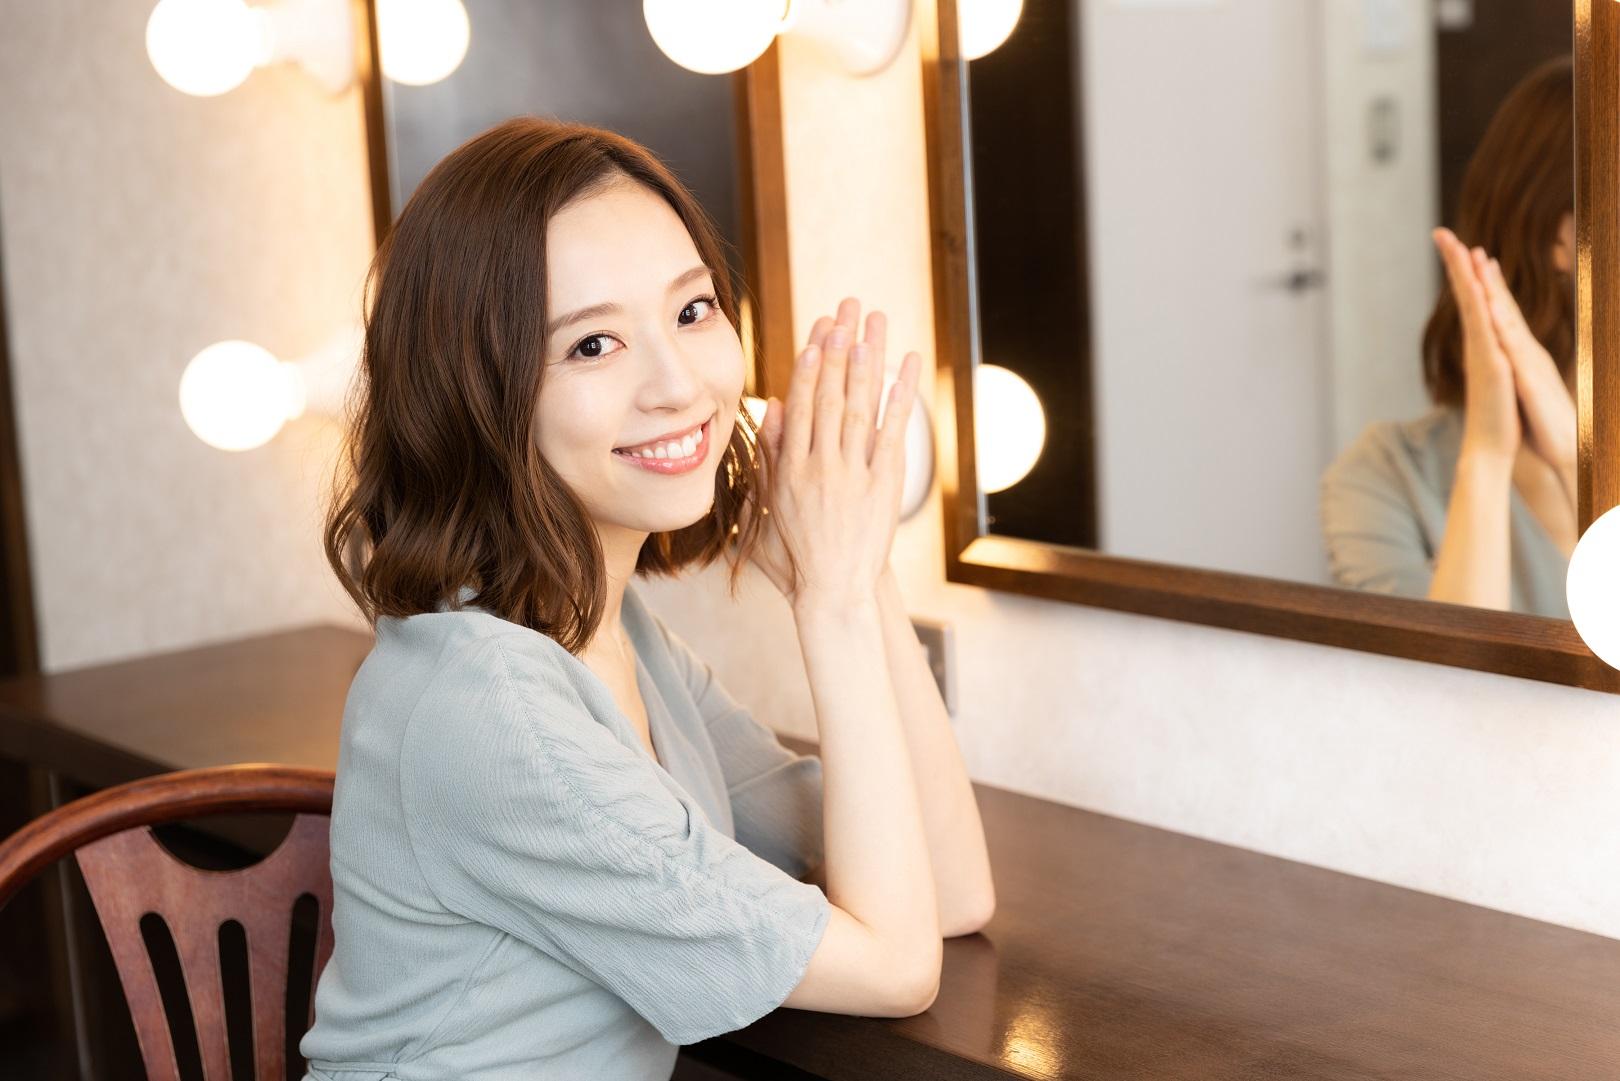 ミュージカル「ブロードウェイと銃弾」愛加あゆ(元宝塚歌劇団)インタビュー~舞台には、人の心を元気にする力がある